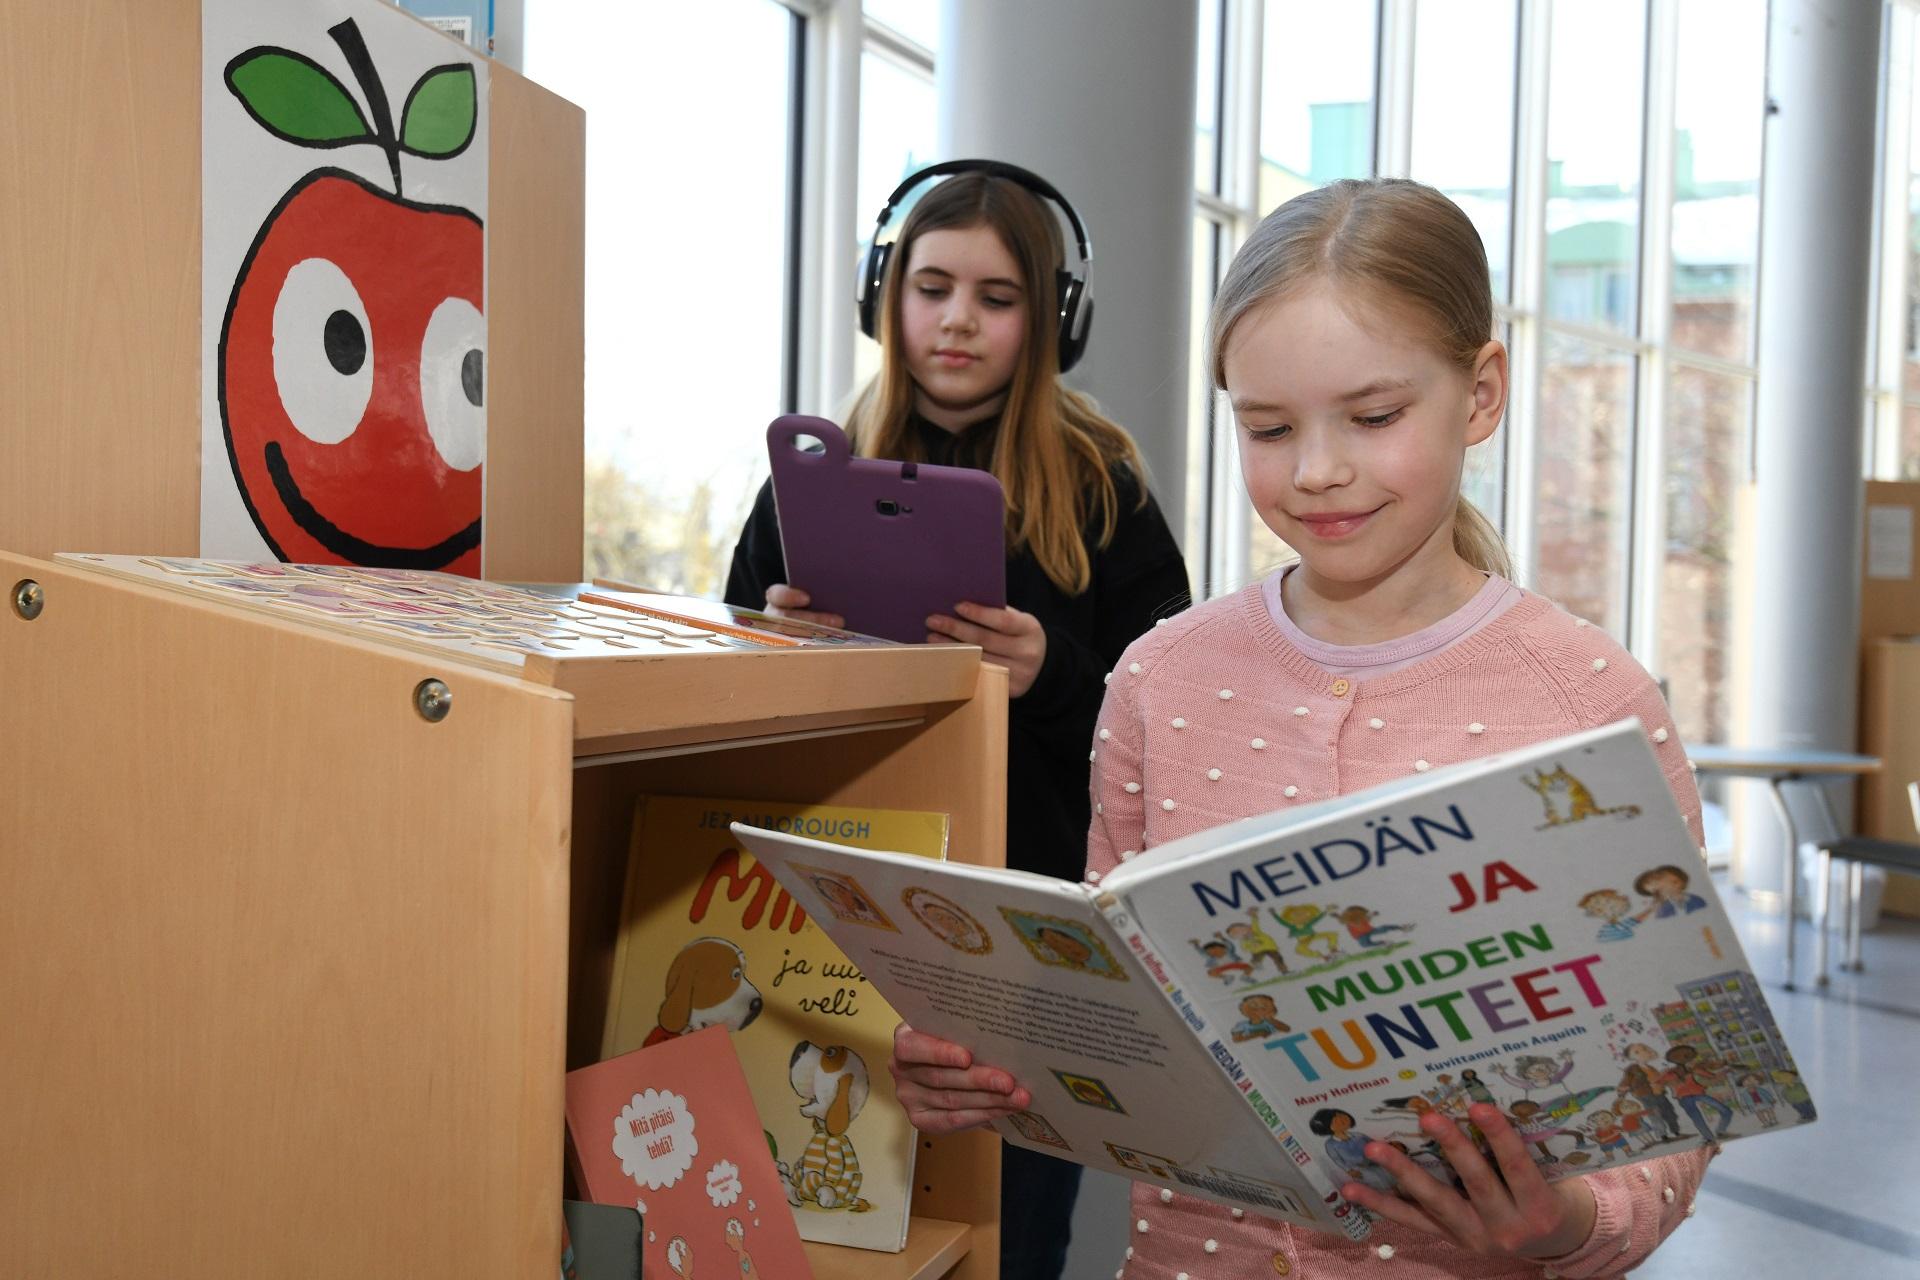 Kaksi nuorta tyttöä seisovat kirjahyllyn luona. Kirjahyllyn päädyssä on ompun kuva. Toinen tytöistä lukee kirjaa ja toinen katsoo kirjaston Hublet-tablettia kuulokkeet korvillaan.